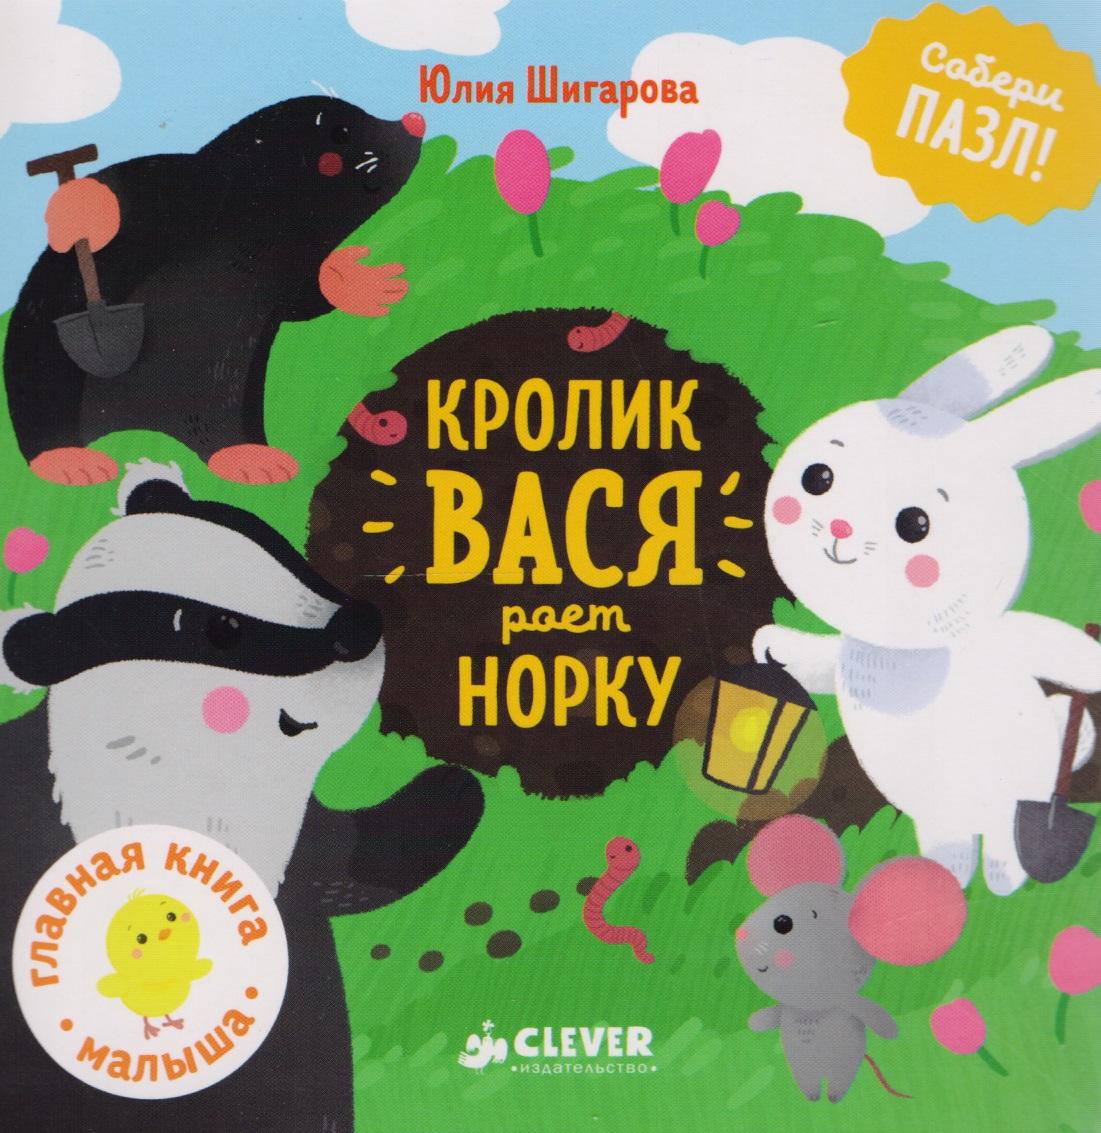 Шигарова Ю. Кролик Вася роет норку